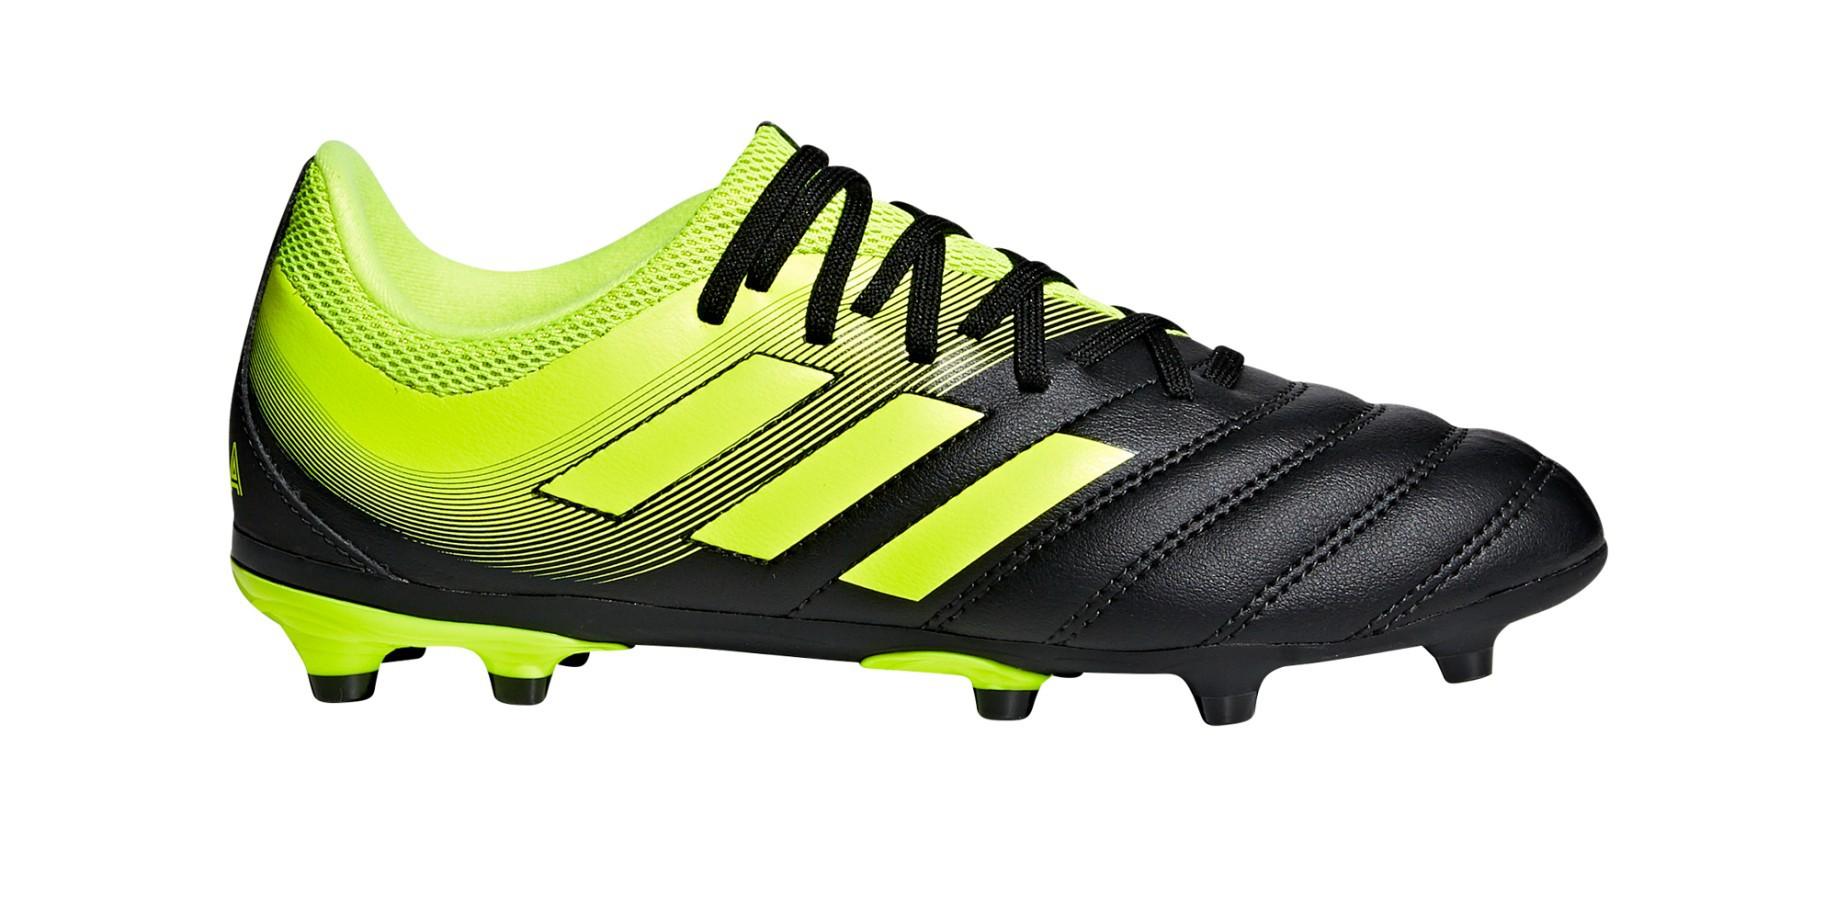 scarpe adidas copa calcio bambino